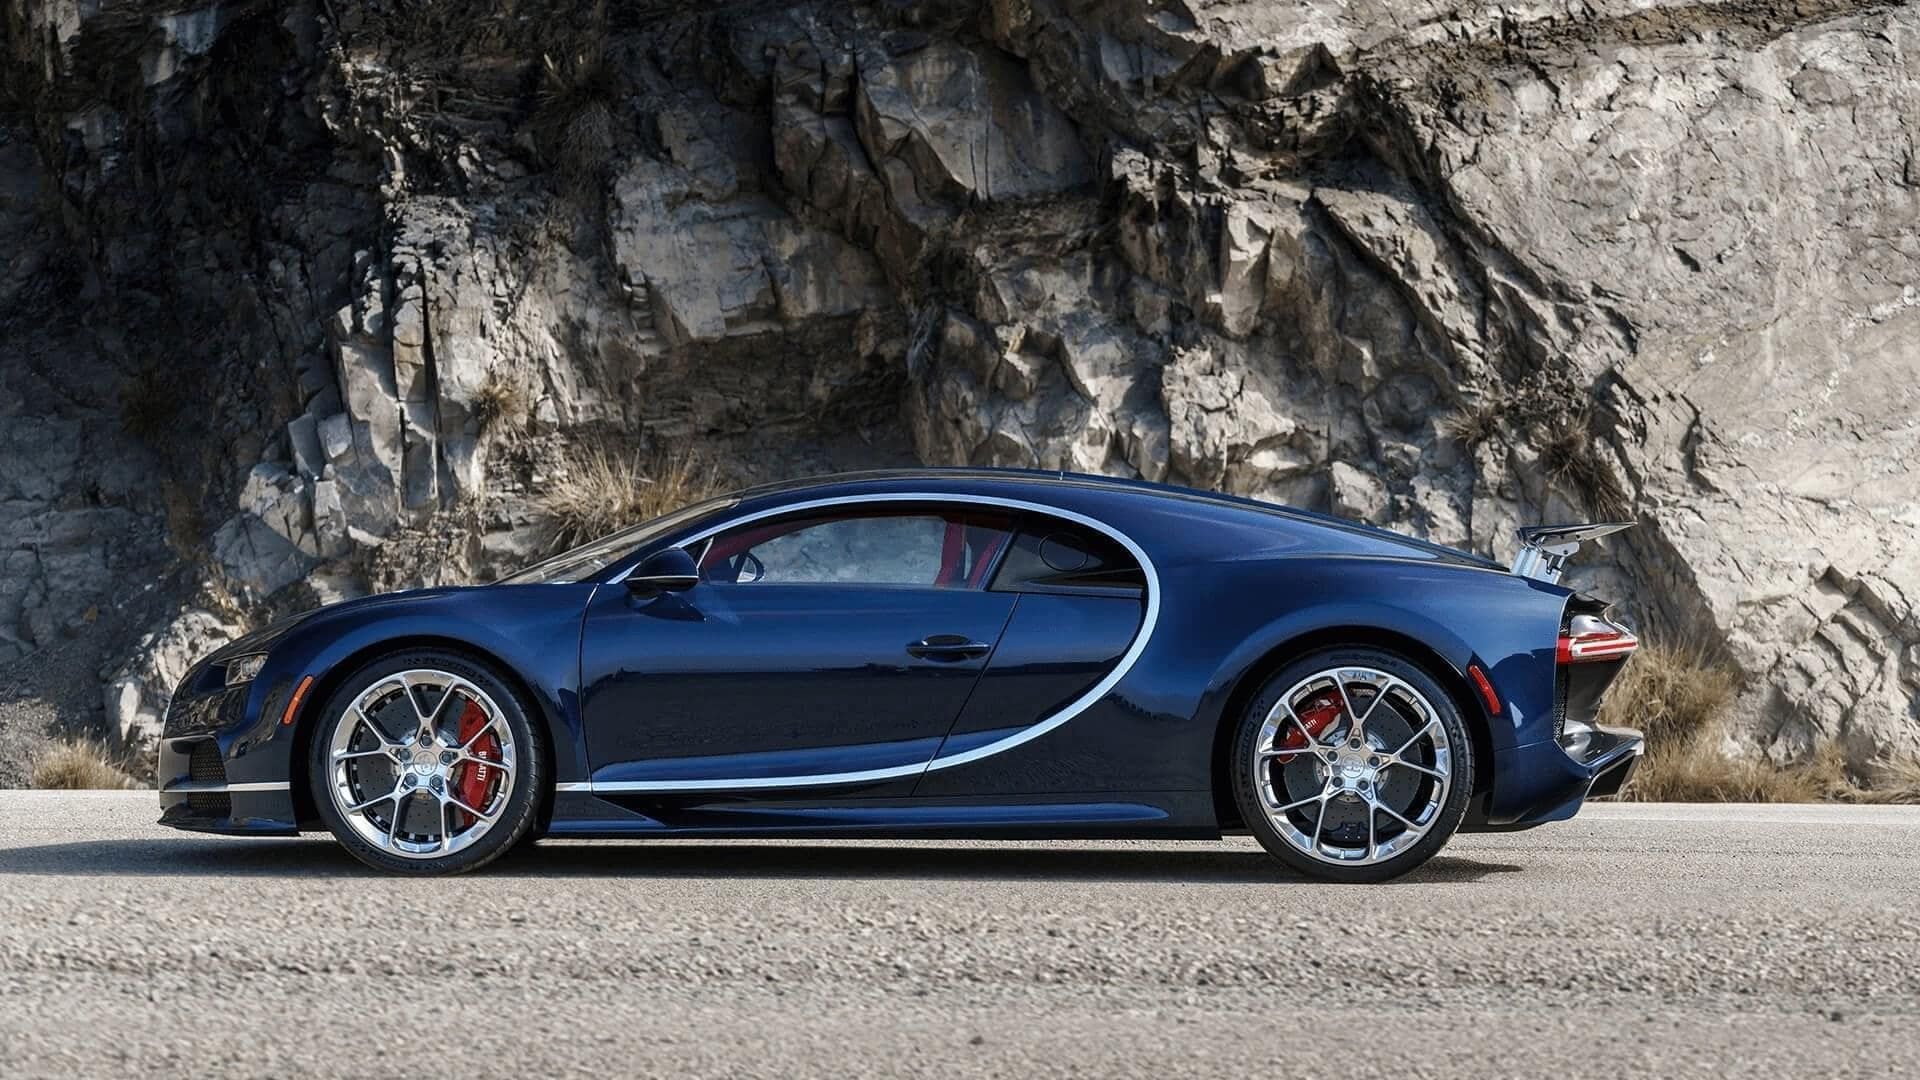 Bugatti Chiron #bugattichiron | Cool sports cars, Bugatti chiron, Bugatti